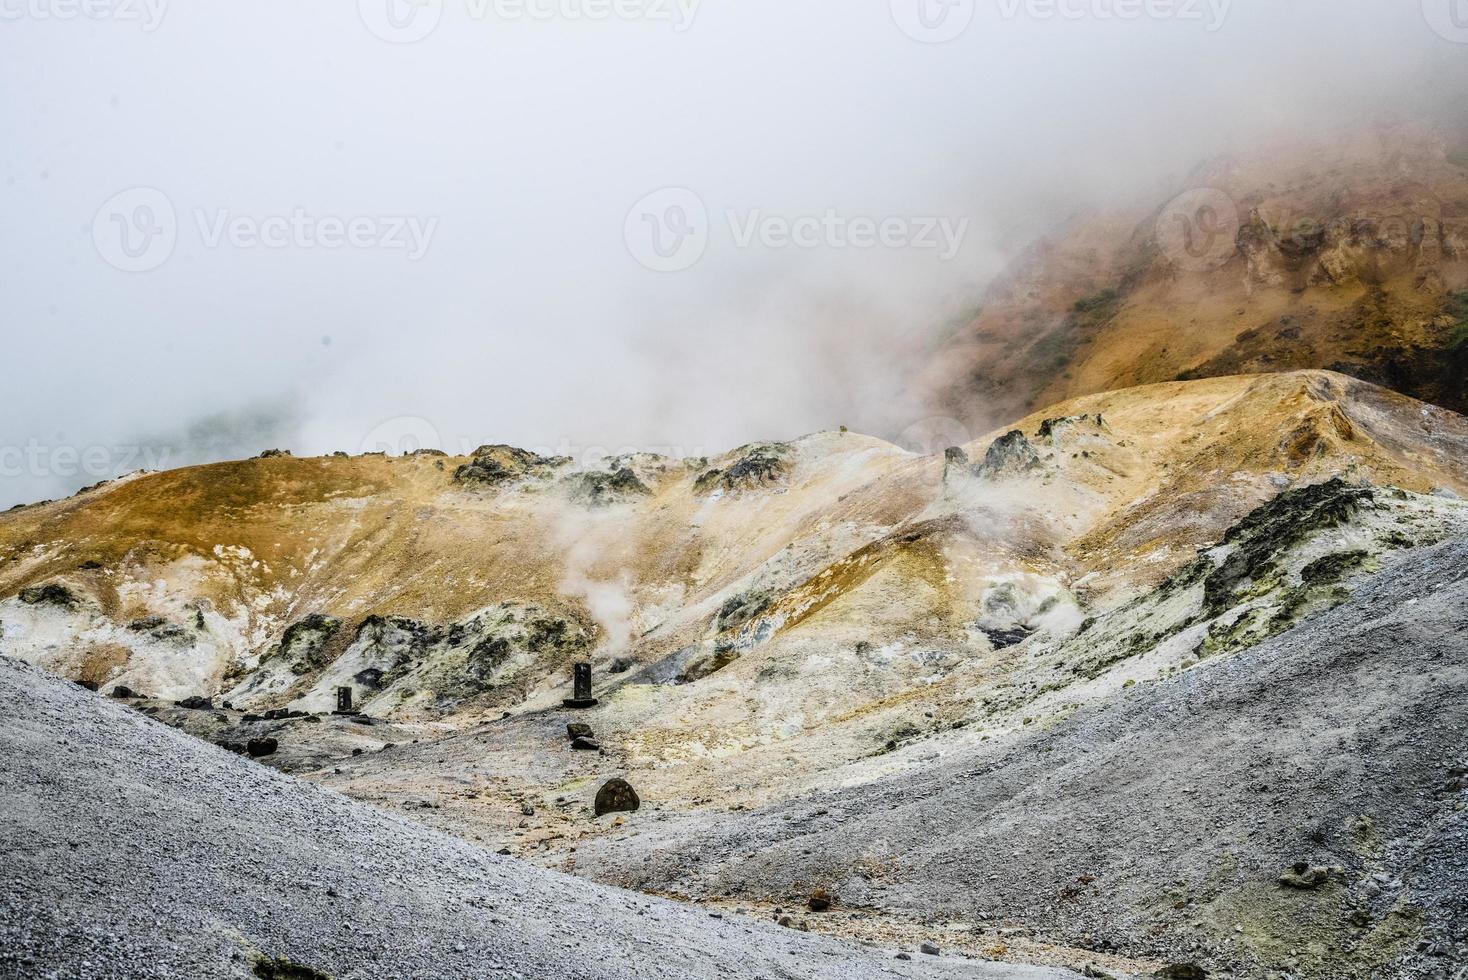 montanha do inferno jigokudani em noboribetsu japan10 foto